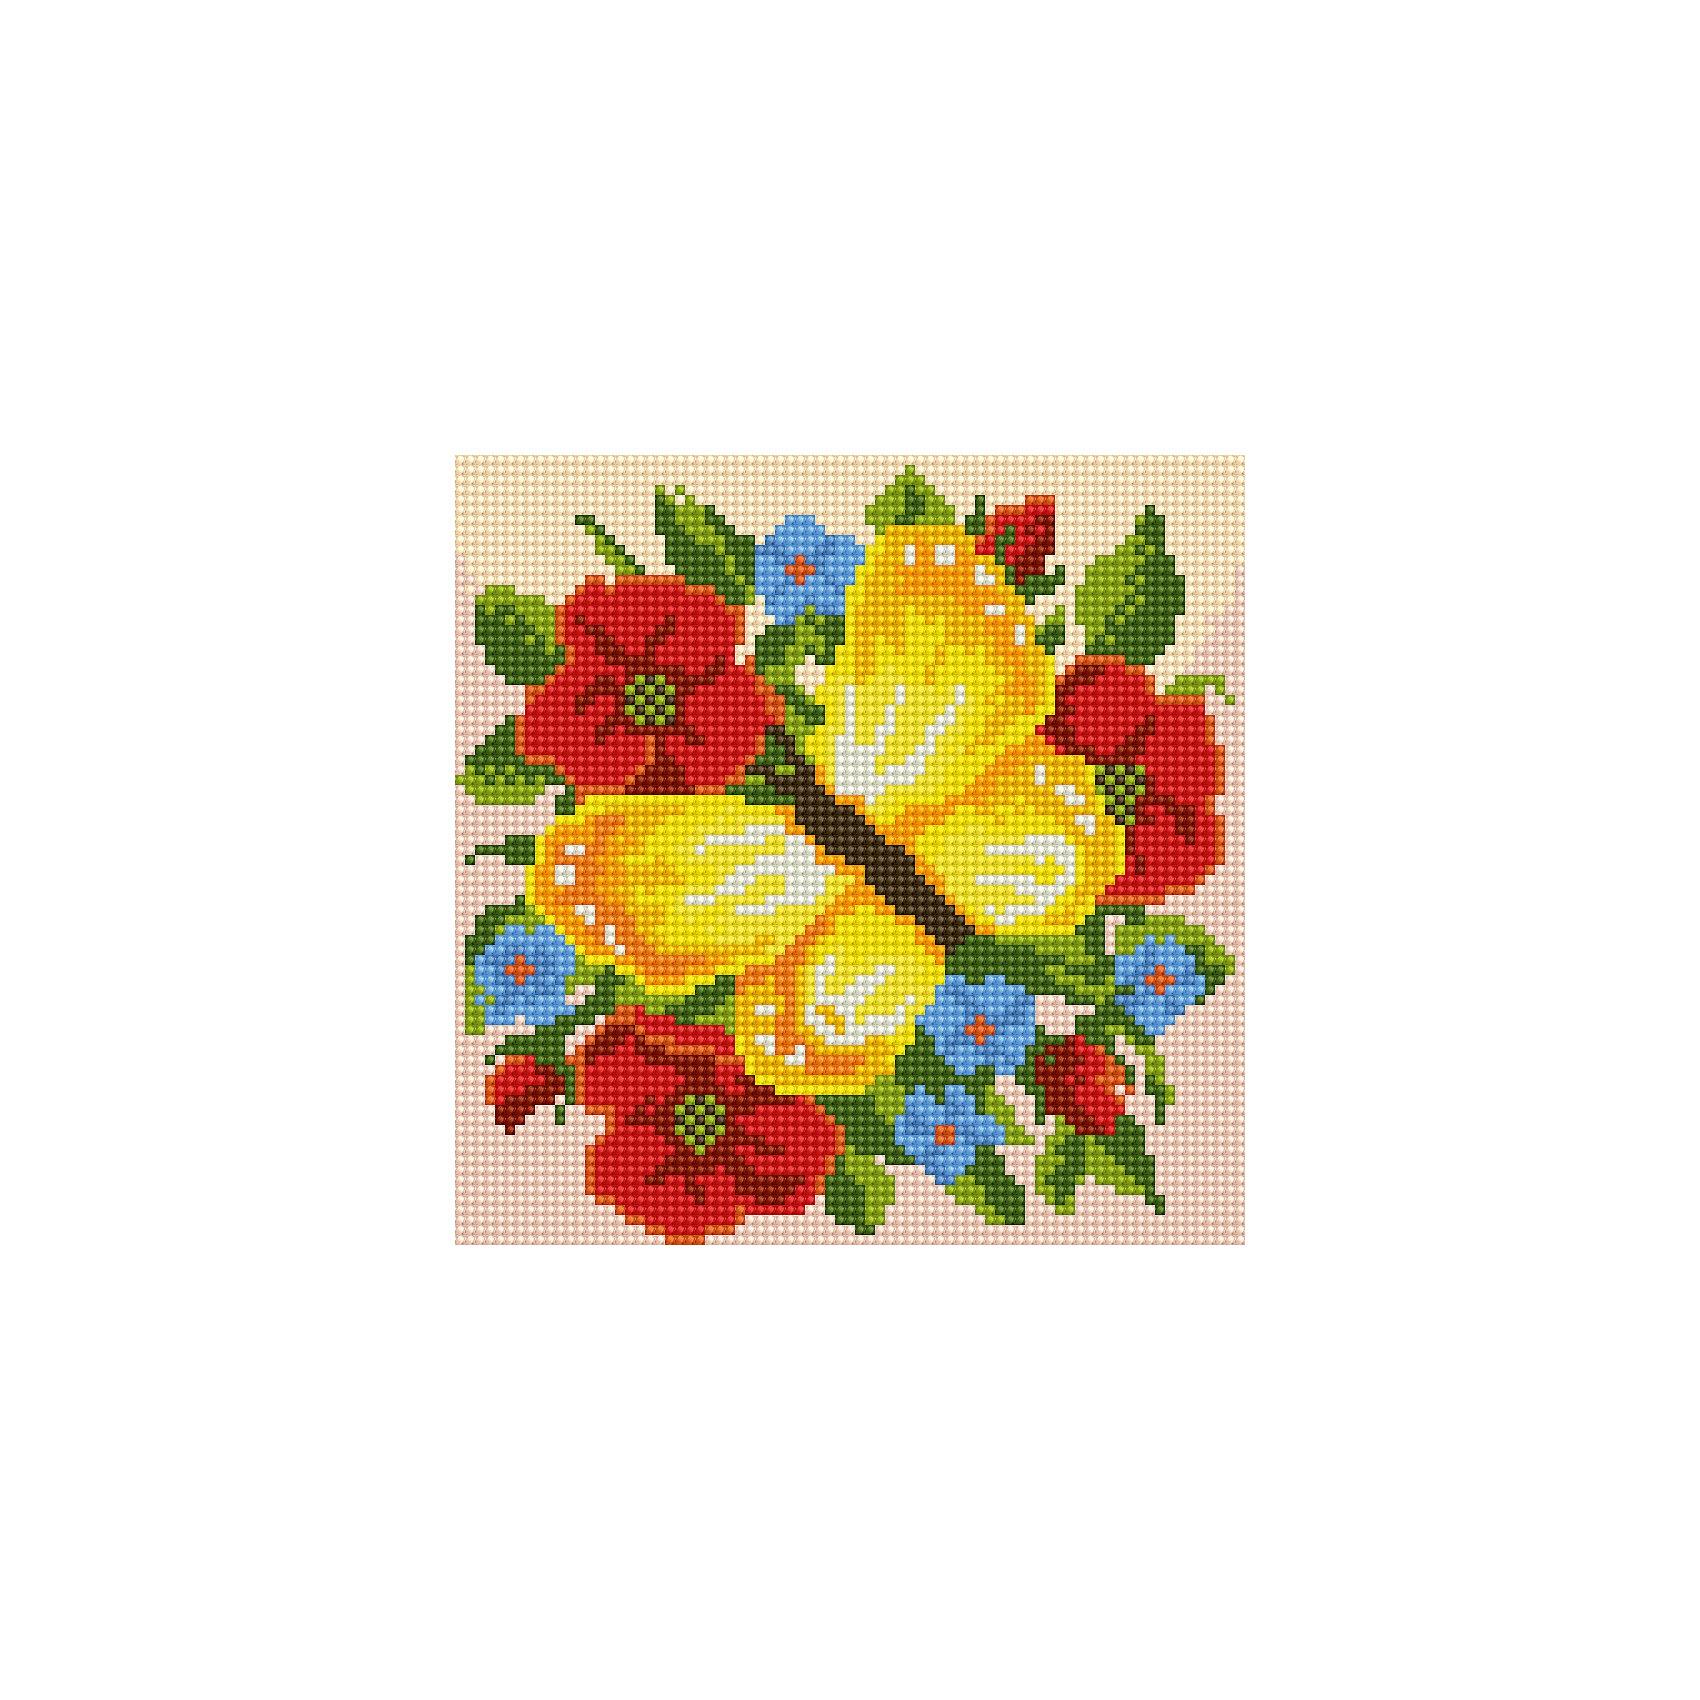 Алмазная мозаика по номерами Желтая бабочка 20*20 смАлмазная мозаика по номерами Желтая бабочка 20х20 см.<br><br>Характеристика:<br><br>• Материал: пластик, картон.  <br>• Размер упаковки: 22х22х3 см. <br>• Размер готовой картинки: 20х20 см. <br>• Комплектация: холст на подрамнике, искусственные камни, пинцет, пластмассовый лоток, пластмассовый карандаш для приклеивания, клей.<br>• Развивает мелкую моторику, внимание, усидчивость, цветовосприятие. <br><br>Набор для творчества Алмазная мозаика по номерам - отличный подарок на любой праздник, он обязательно понравится детям и поможет развить мелкую моторику, внимание, фантазию и мышление. С этим замечательным набором ваш ребенок сможет собрать яркую переливающуюся картинку, которая украсит стену в детской или же станет прекрасным памятным сувениром, сделанным своими руками. Нужно лишь наклеить цветные камушки на картонную основу с уже нанесенным контурным рисунком - и маленький шедевр готов!  <br><br>Алмазную мозаику по номерами Желтая бабочка 20х20 см, можно купить в нашем интернет-магазине.<br><br>Ширина мм: 220<br>Глубина мм: 220<br>Высота мм: 30<br>Вес г: 900<br>Возраст от месяцев: 96<br>Возраст до месяцев: 2147483647<br>Пол: Женский<br>Возраст: Детский<br>SKU: 5217180